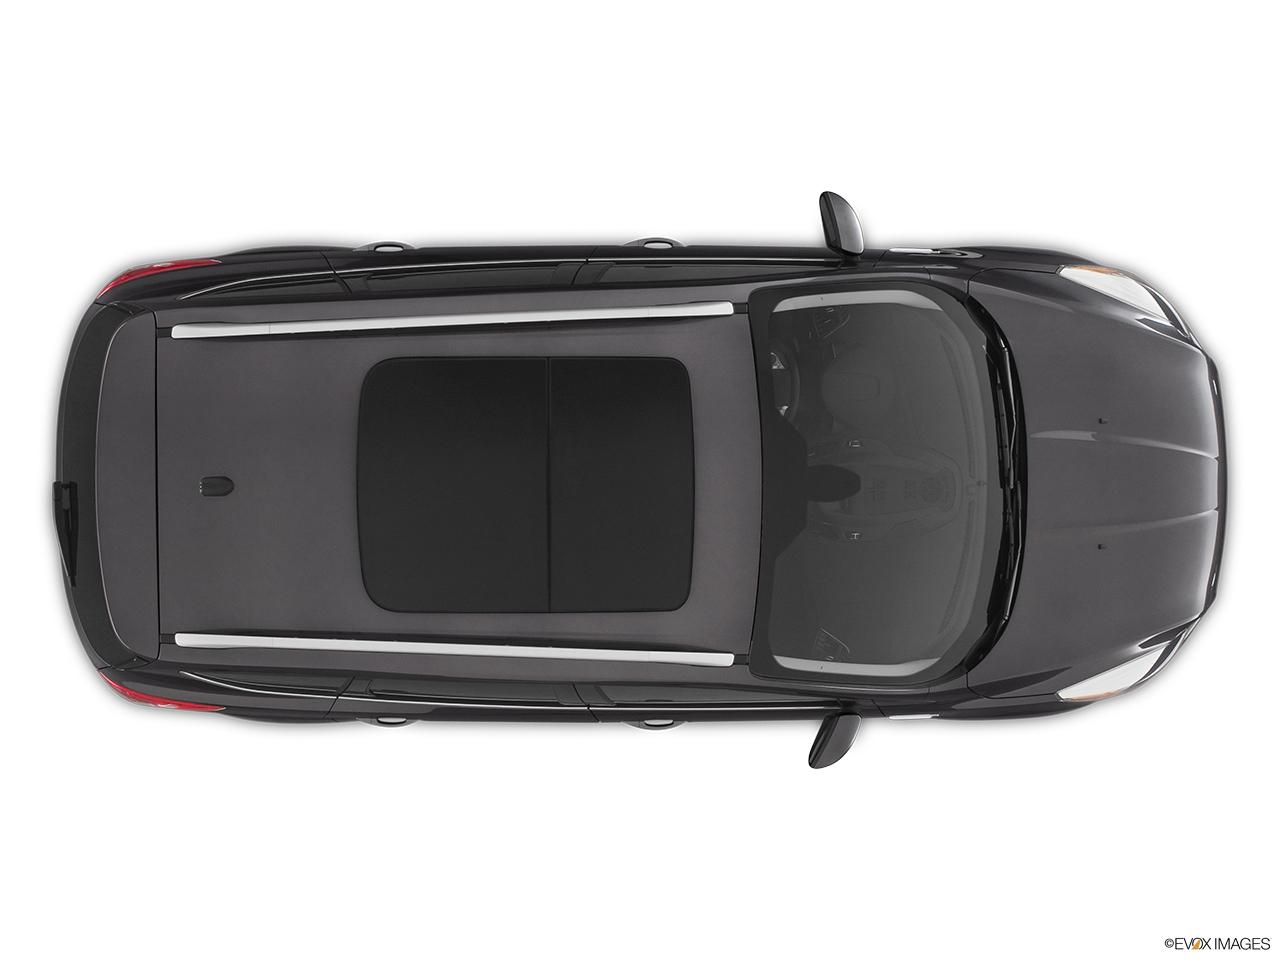 Ford Escape Titanium >> 2015 Ford Escape 4WD 4 Door Titanium - Overhead